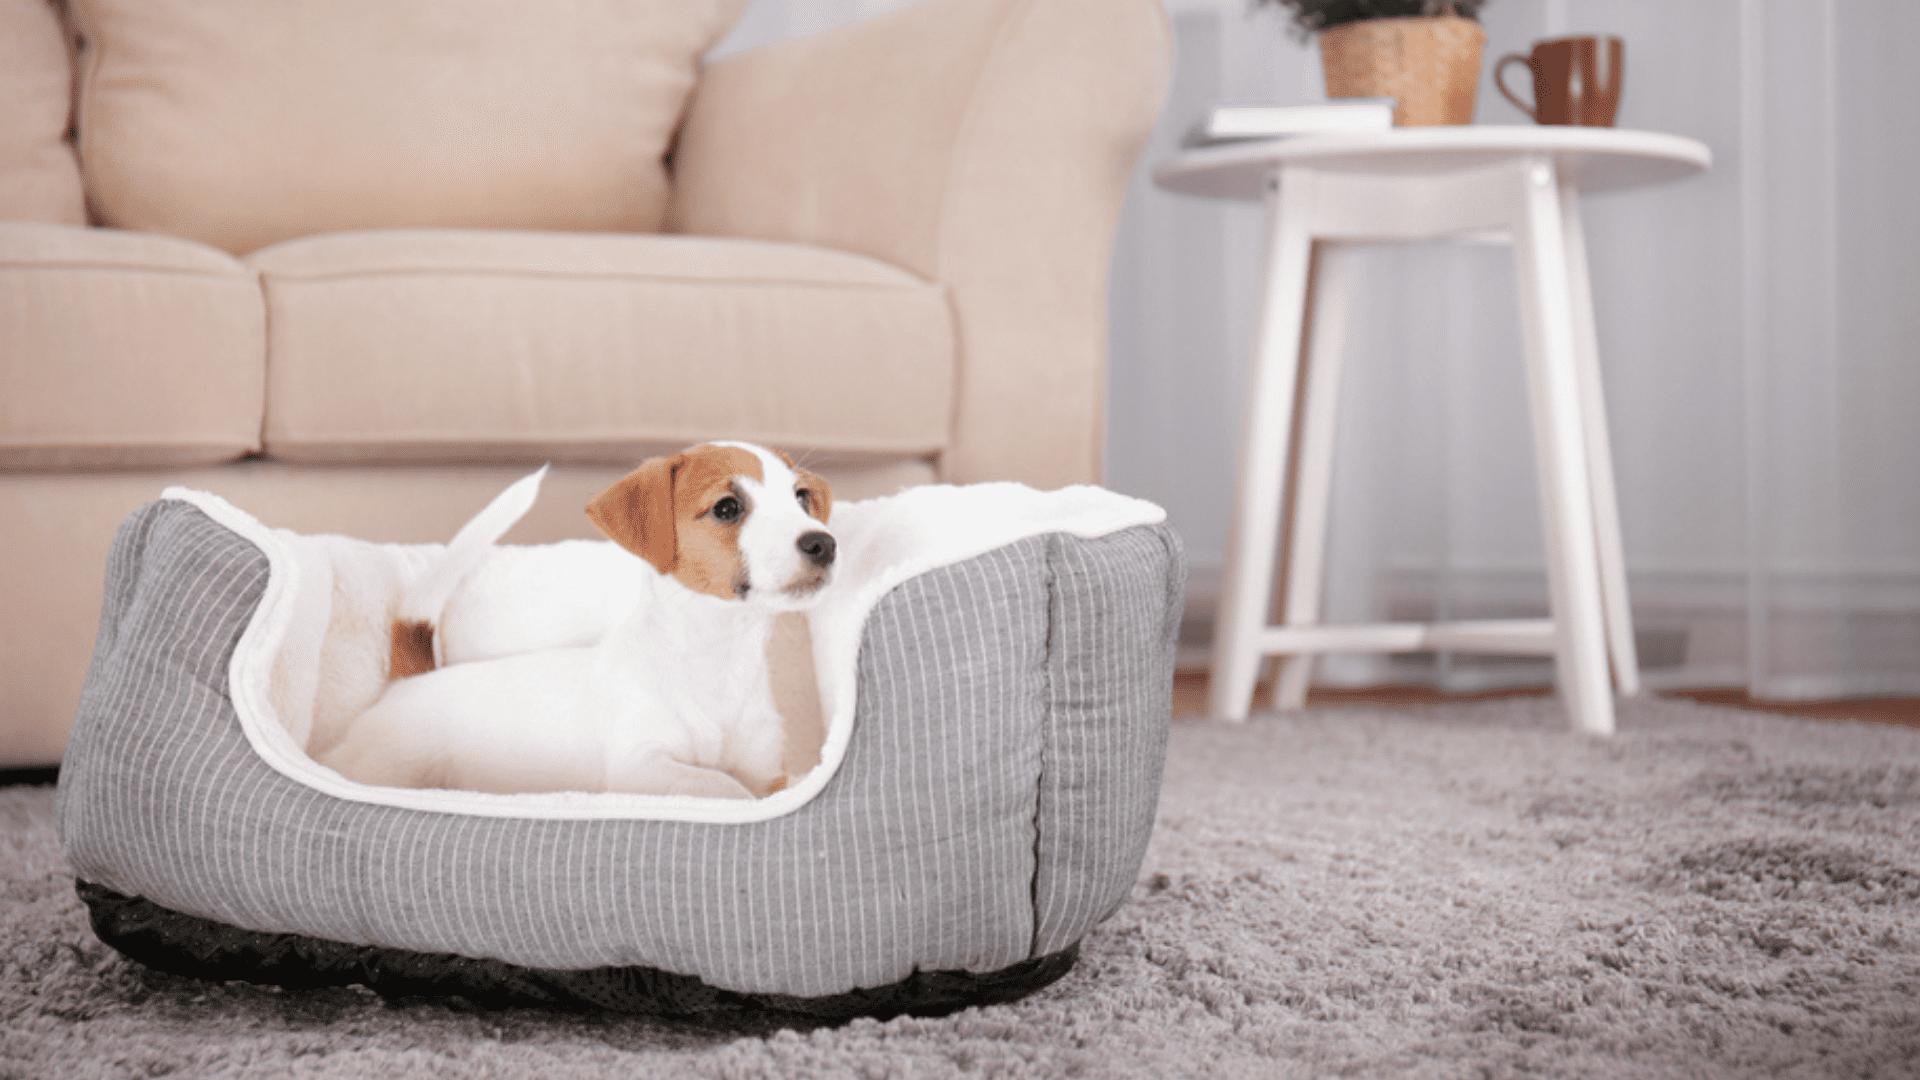 A cama ninho ou com laterais altas confere mais conforto ao pet de pequeno e médio porte (Reprodução/Shutterstock)